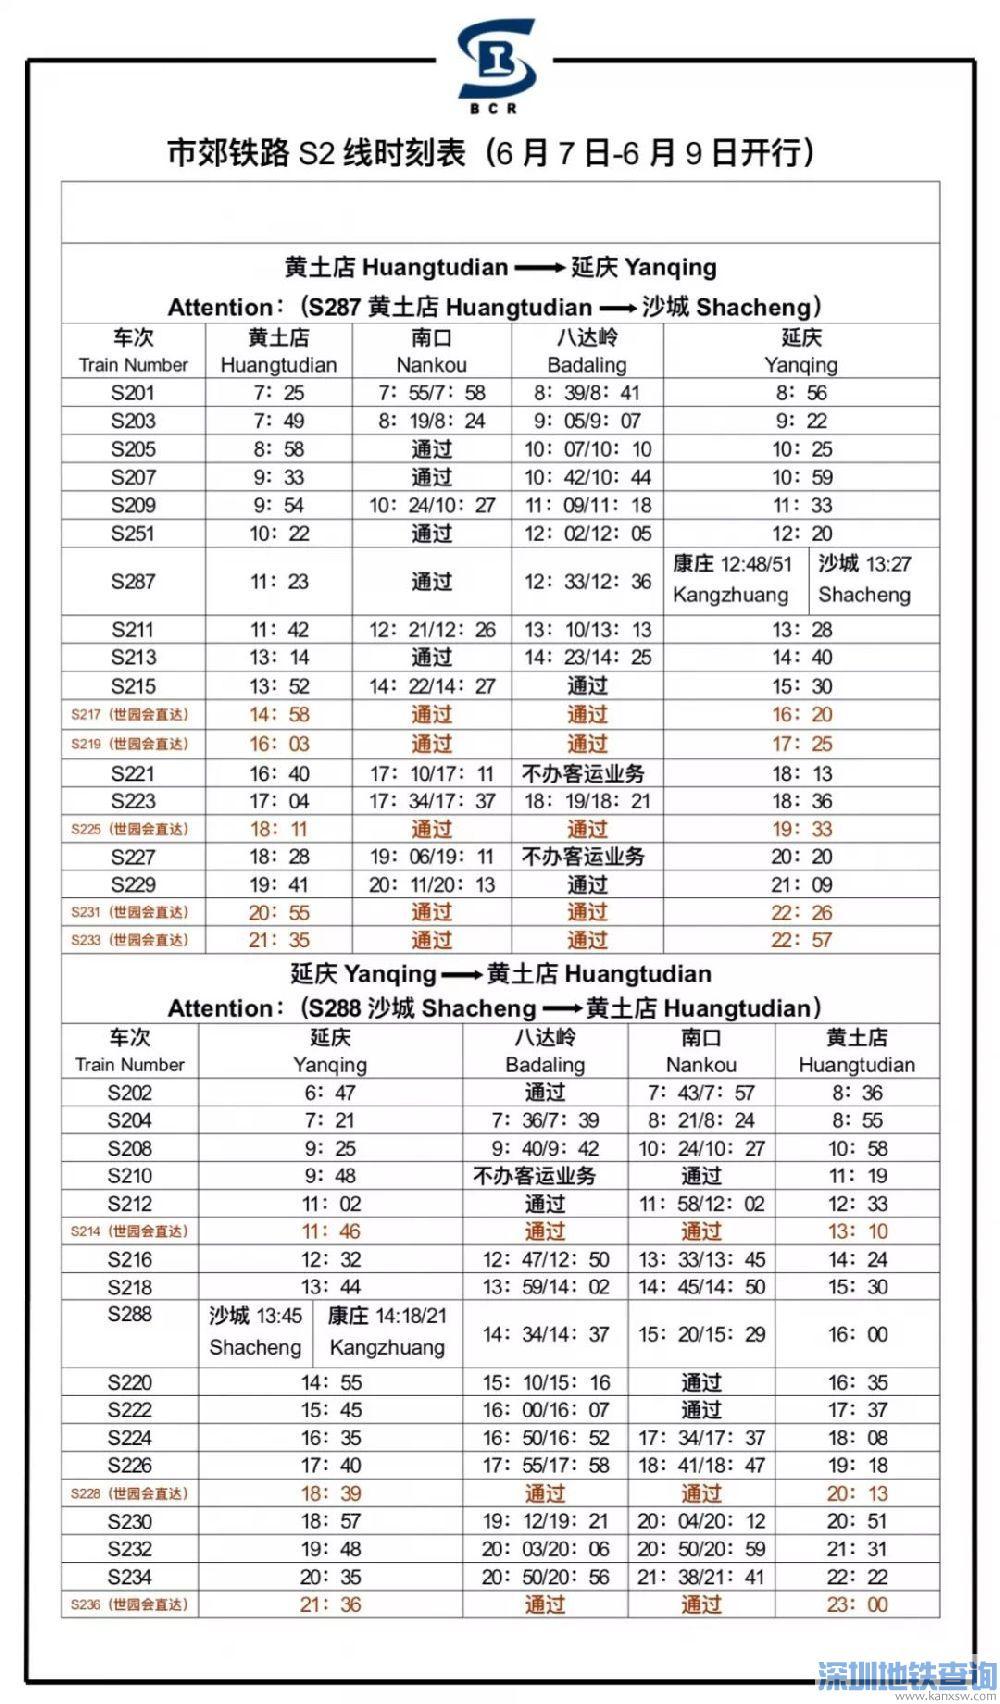 2019年6月5日起S2线最新时刻表及票价